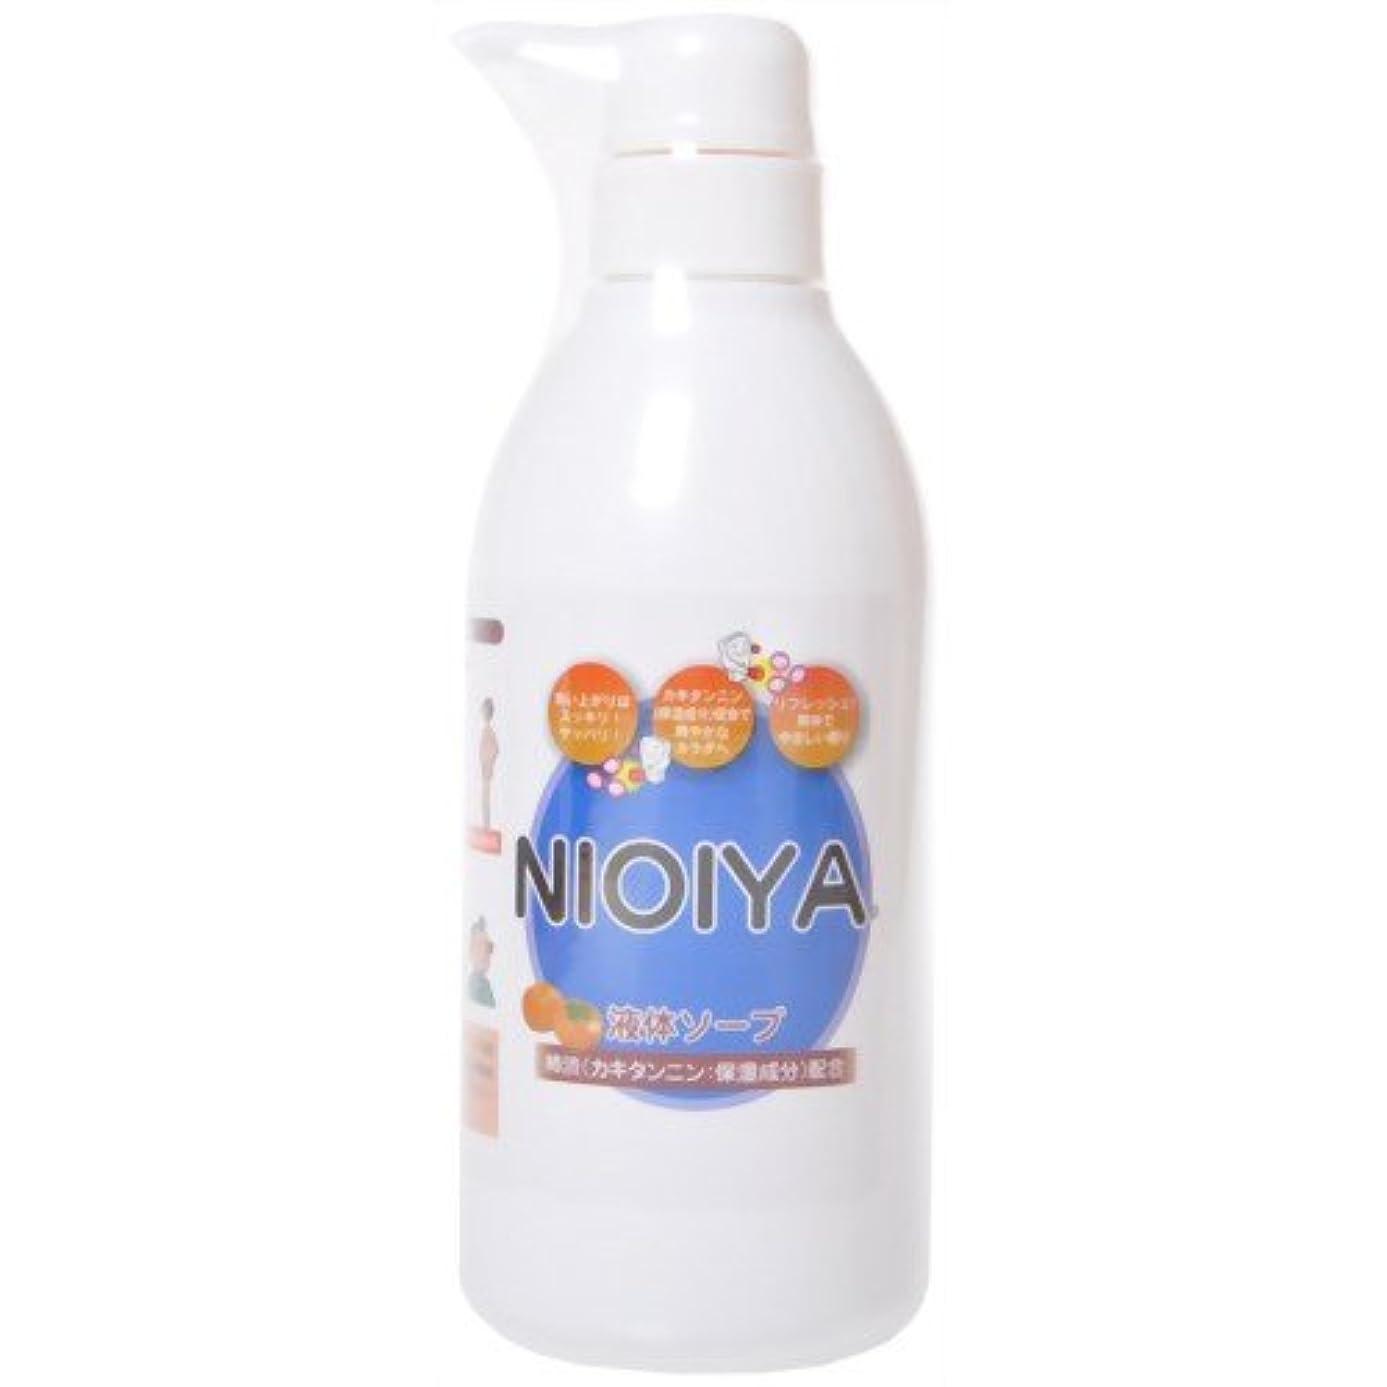 ボア明らかにする発表NIOIYA 柿渋配合 液体ソープ 500ml